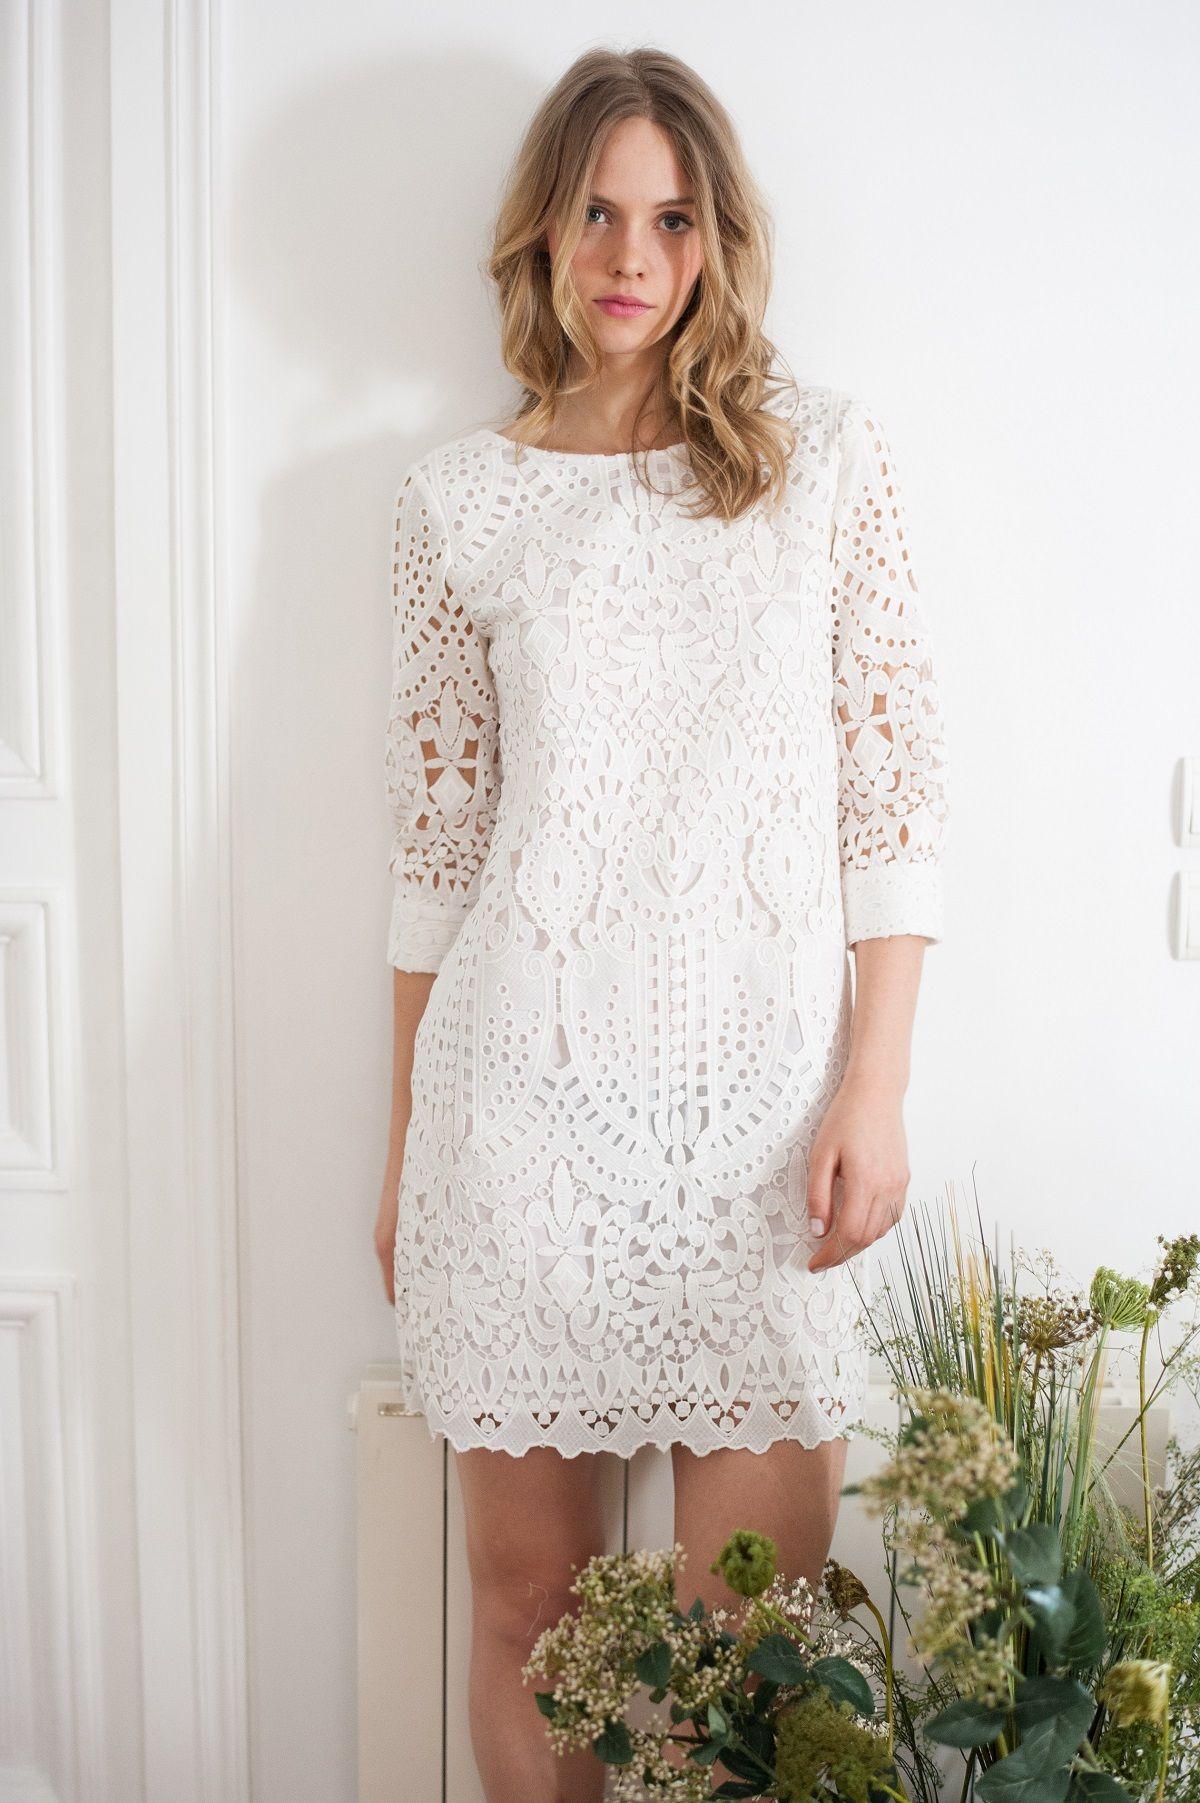 Vestido em renda | Vestido curto, Mini vestidos, Ideias fashion